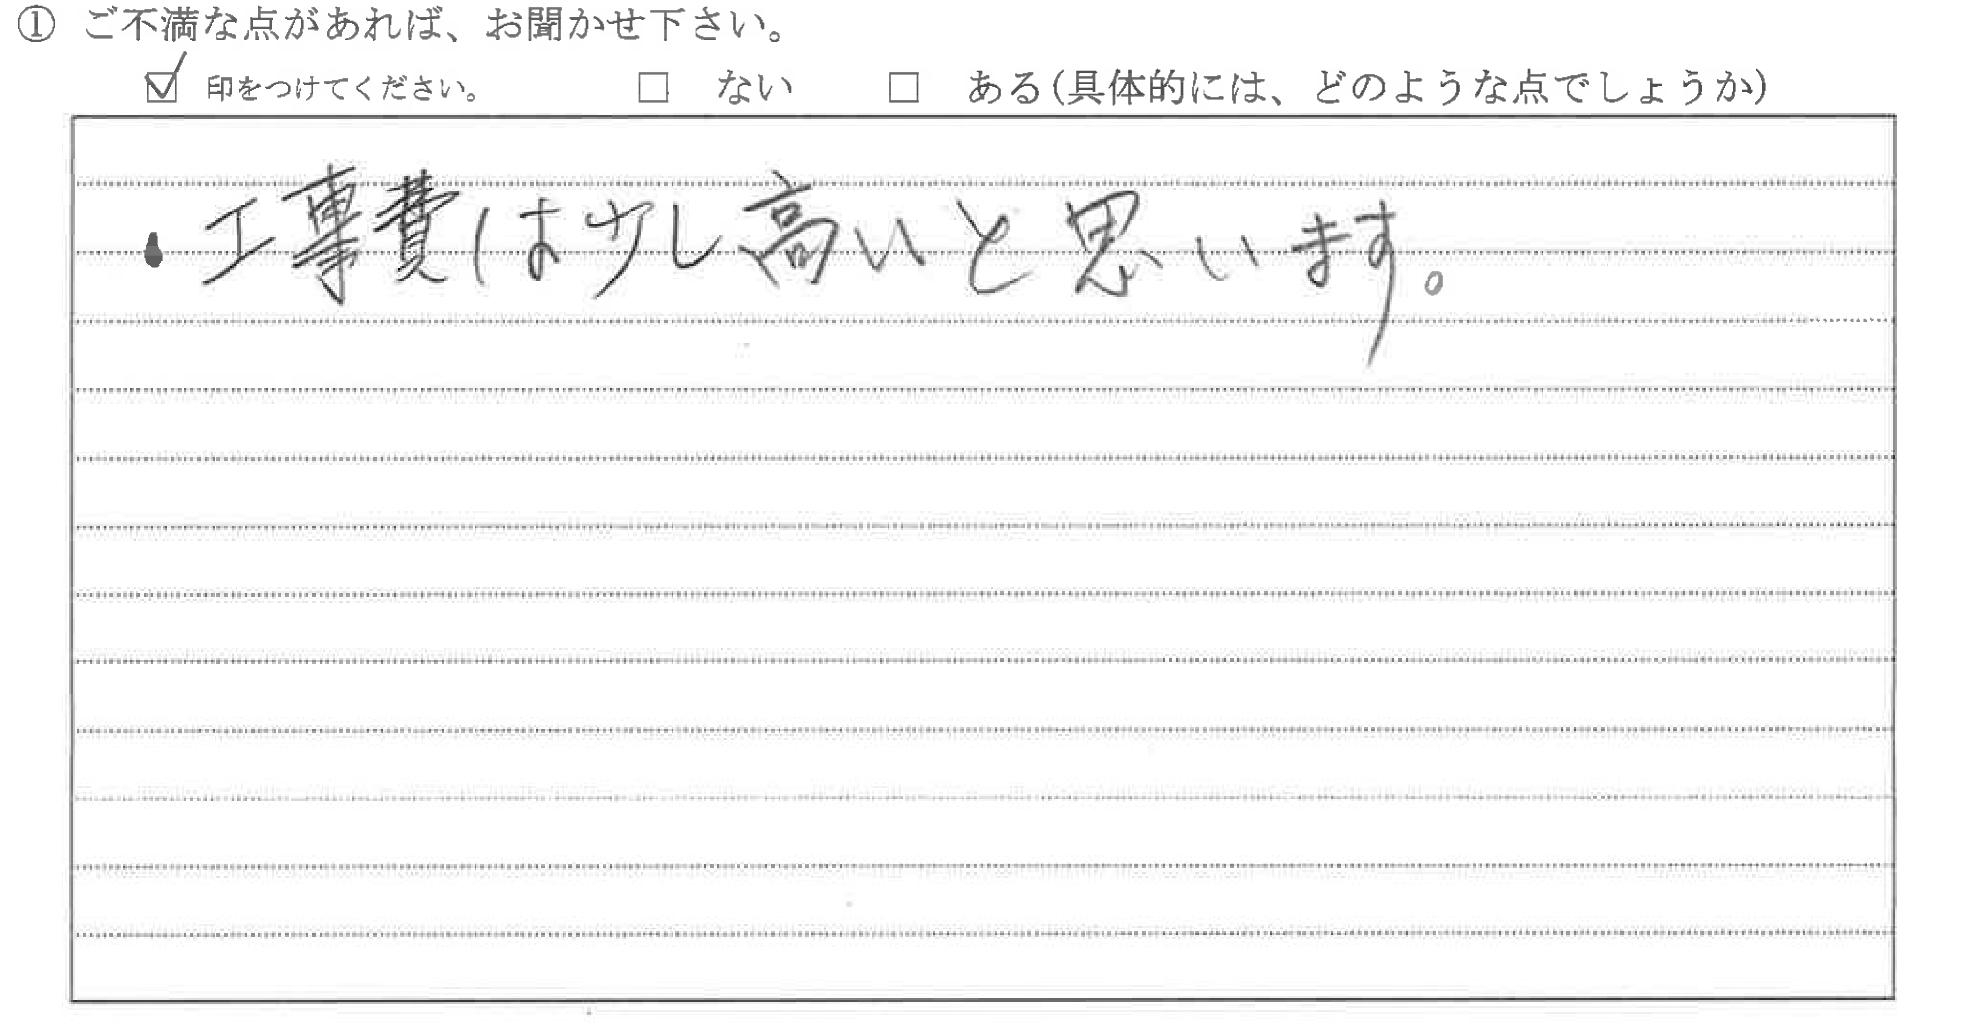 富山県富山市Y様に頂いた玄関ドア錠メンテナンス工事についてのご不満な点があれば、お聞かせ下さい。というご質問について「玄関ドア錠メンテナンス工事」というお声についての画像